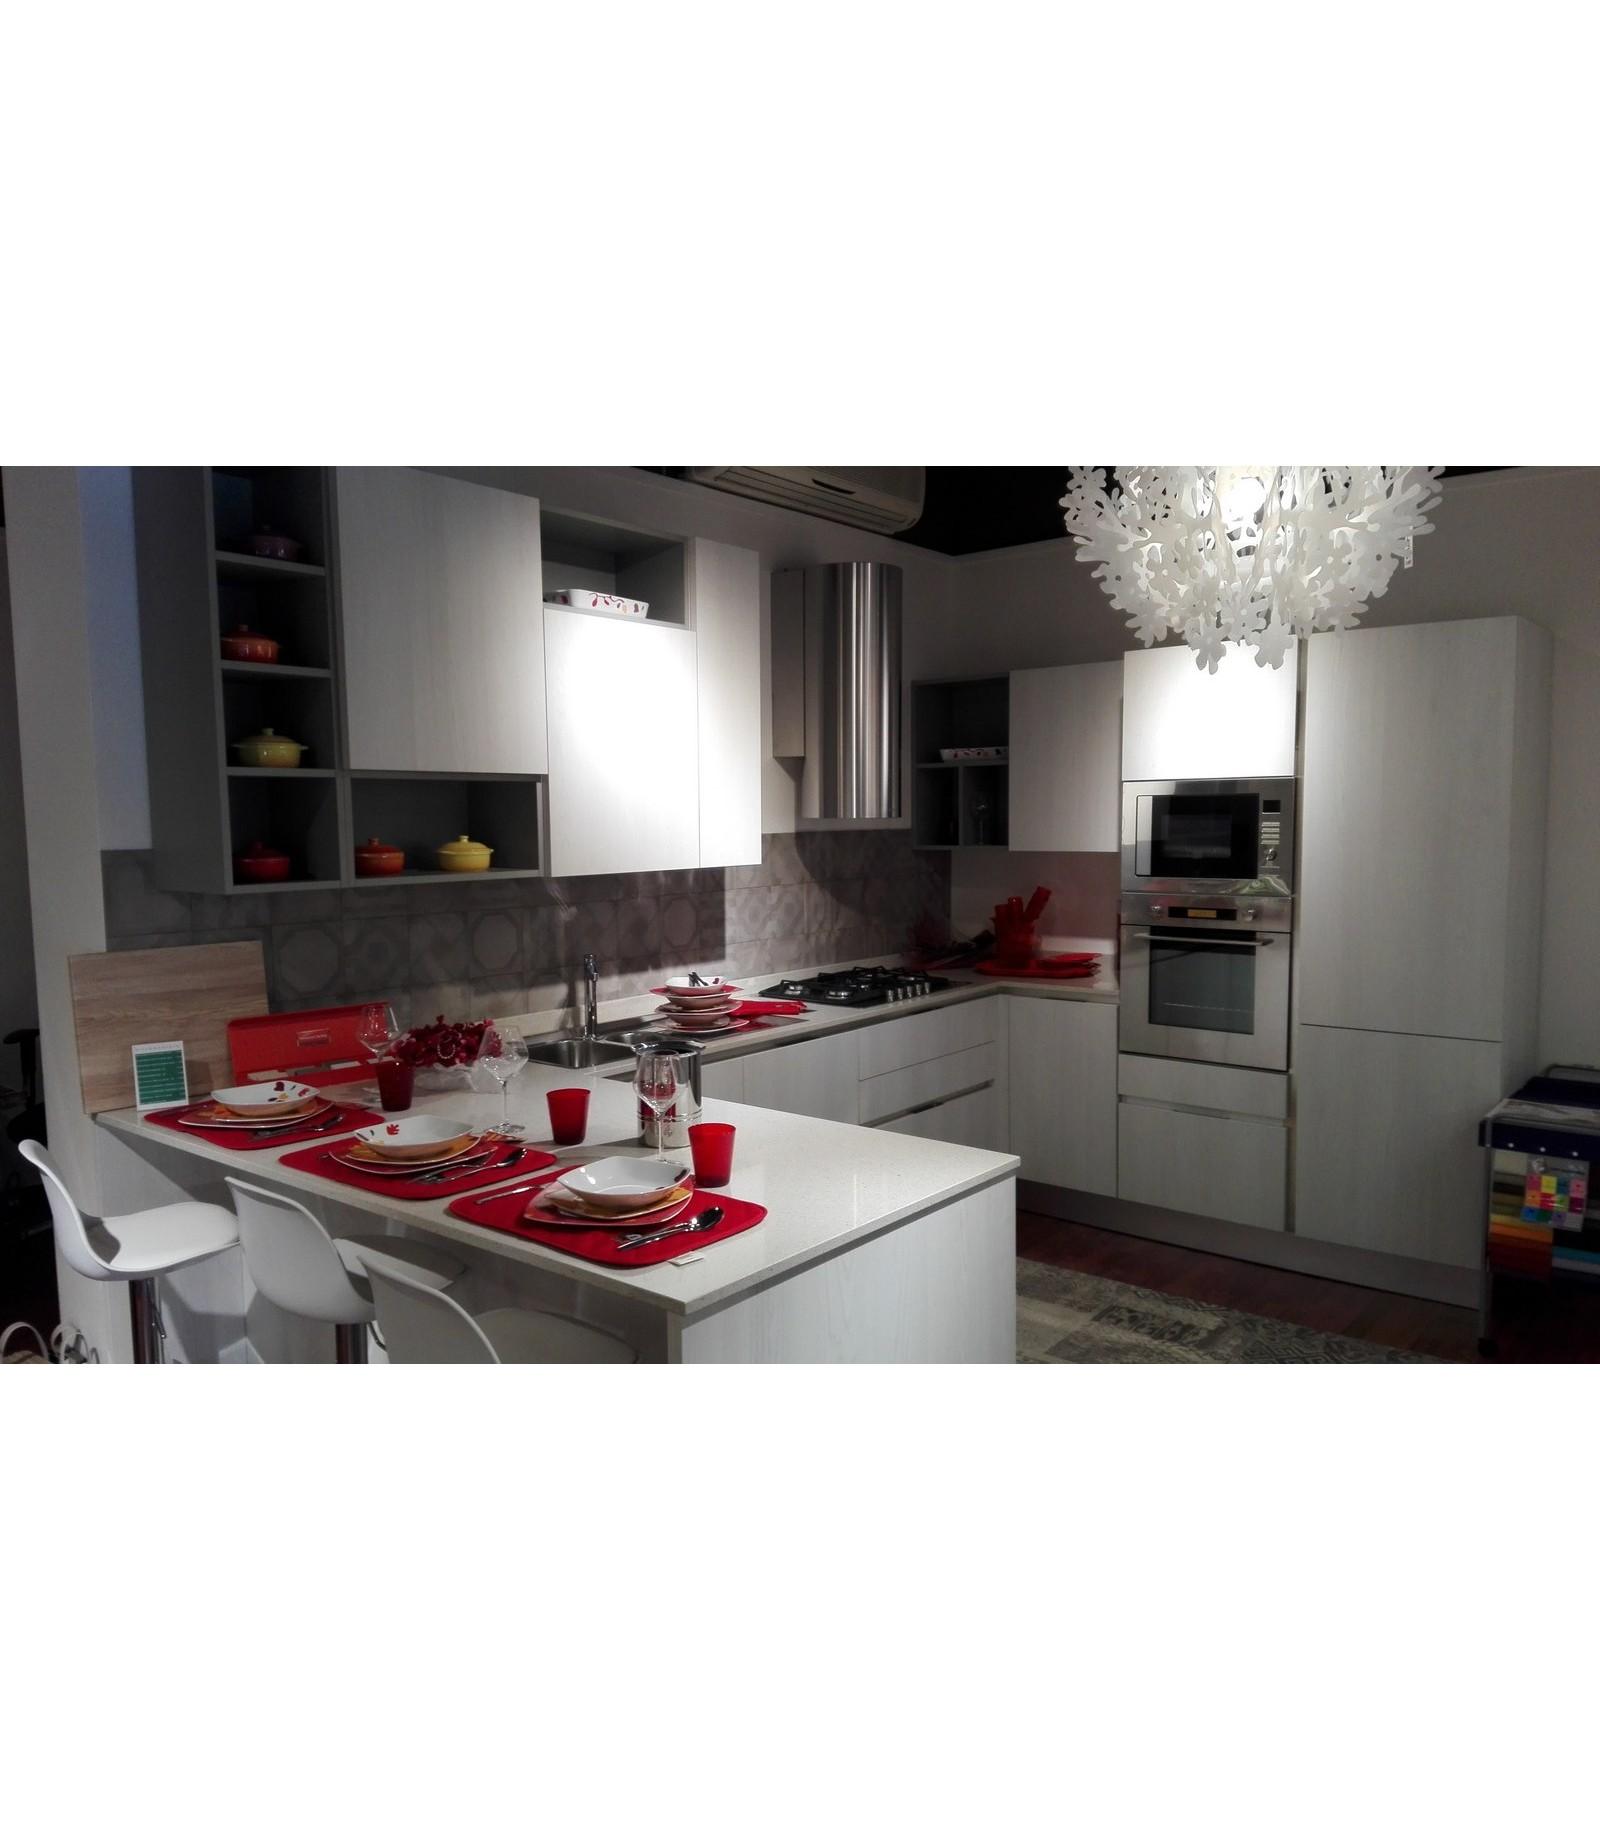 Cucina Sistematica Olmo By Veneta Cucine Outlet Mariotti Casa